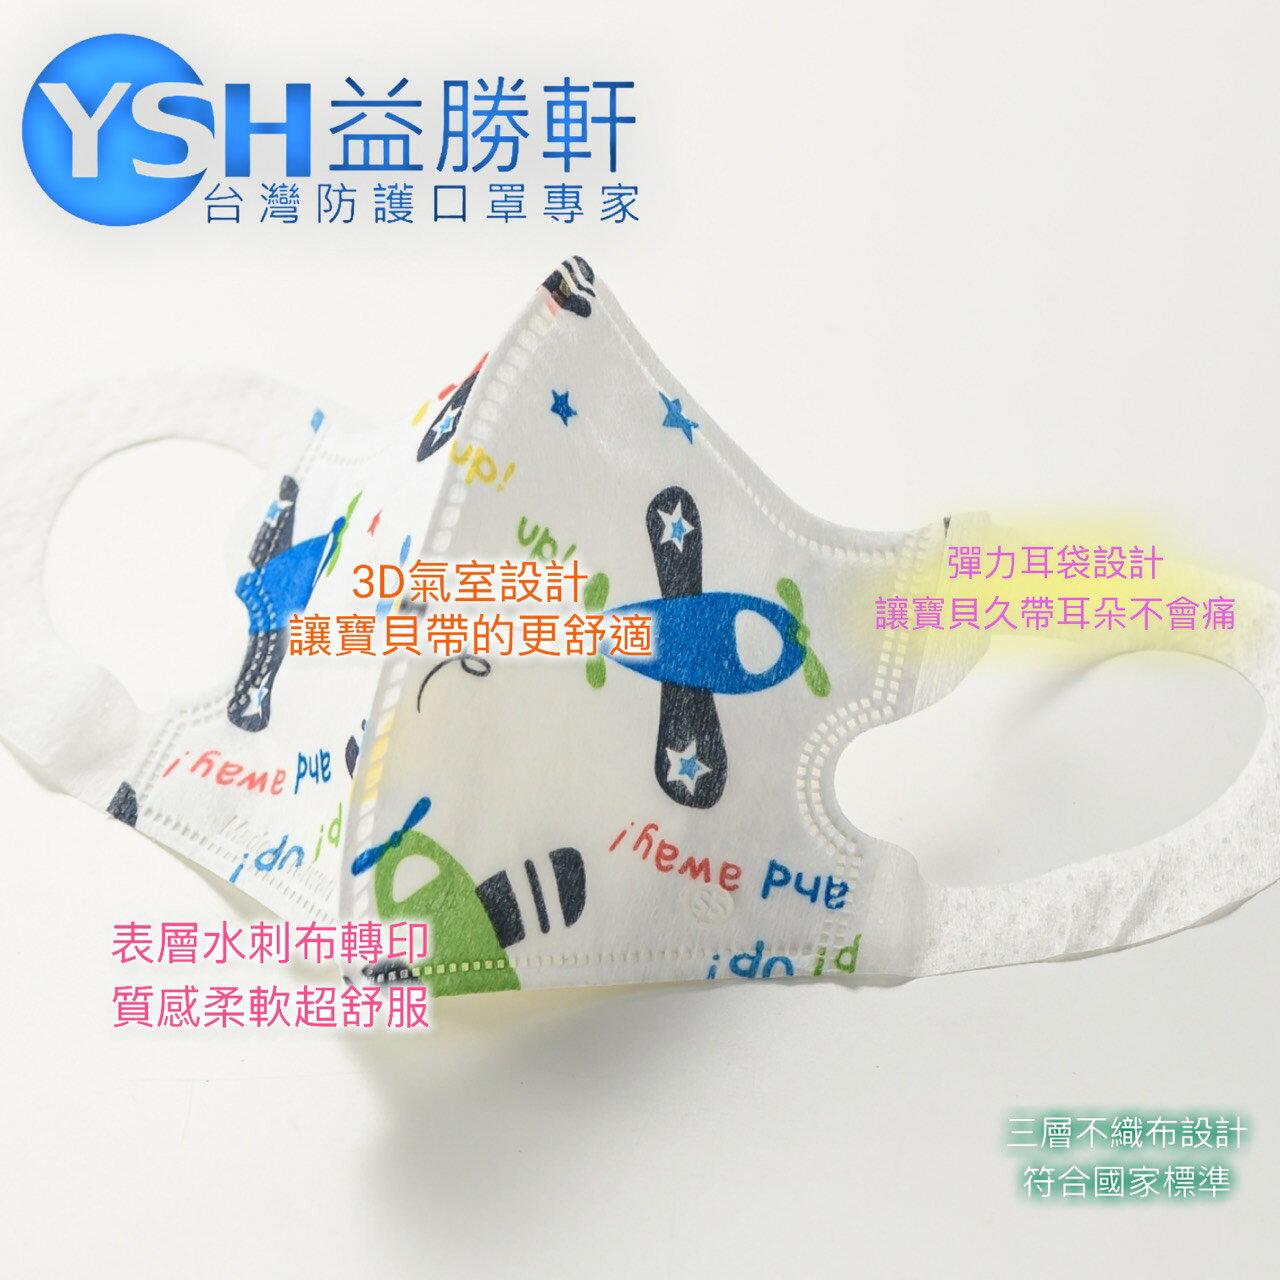 疫情嚴峻一起守護家園!!!台灣加油!!! ~全館下殺7折~ YSH益勝軒 幼幼3D立體口罩-繽紛飛機  (非醫療) 50入/盒